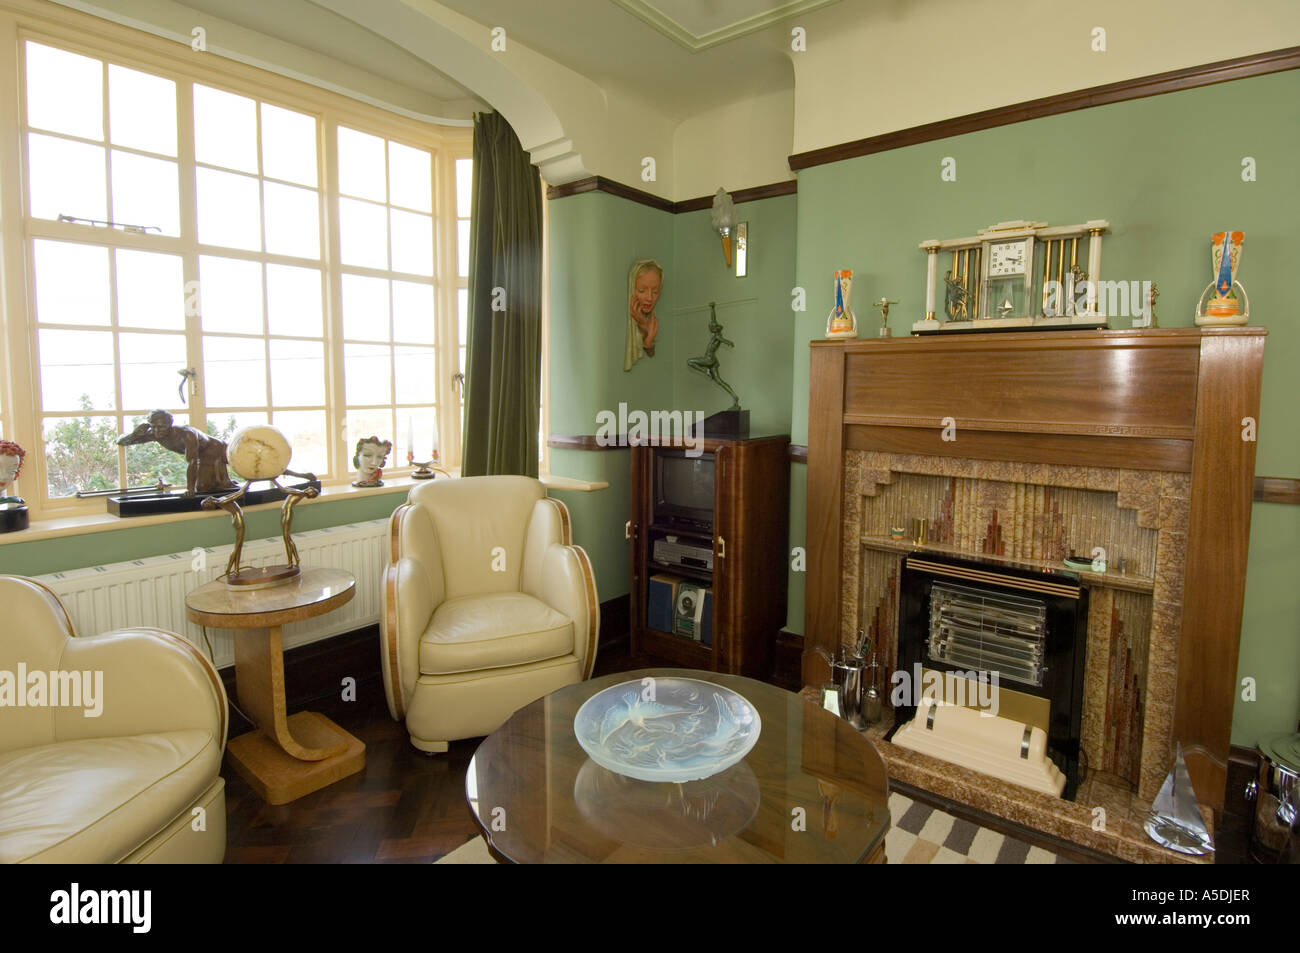 Renoviertes art deco s haus innen lounge wohnzimmer